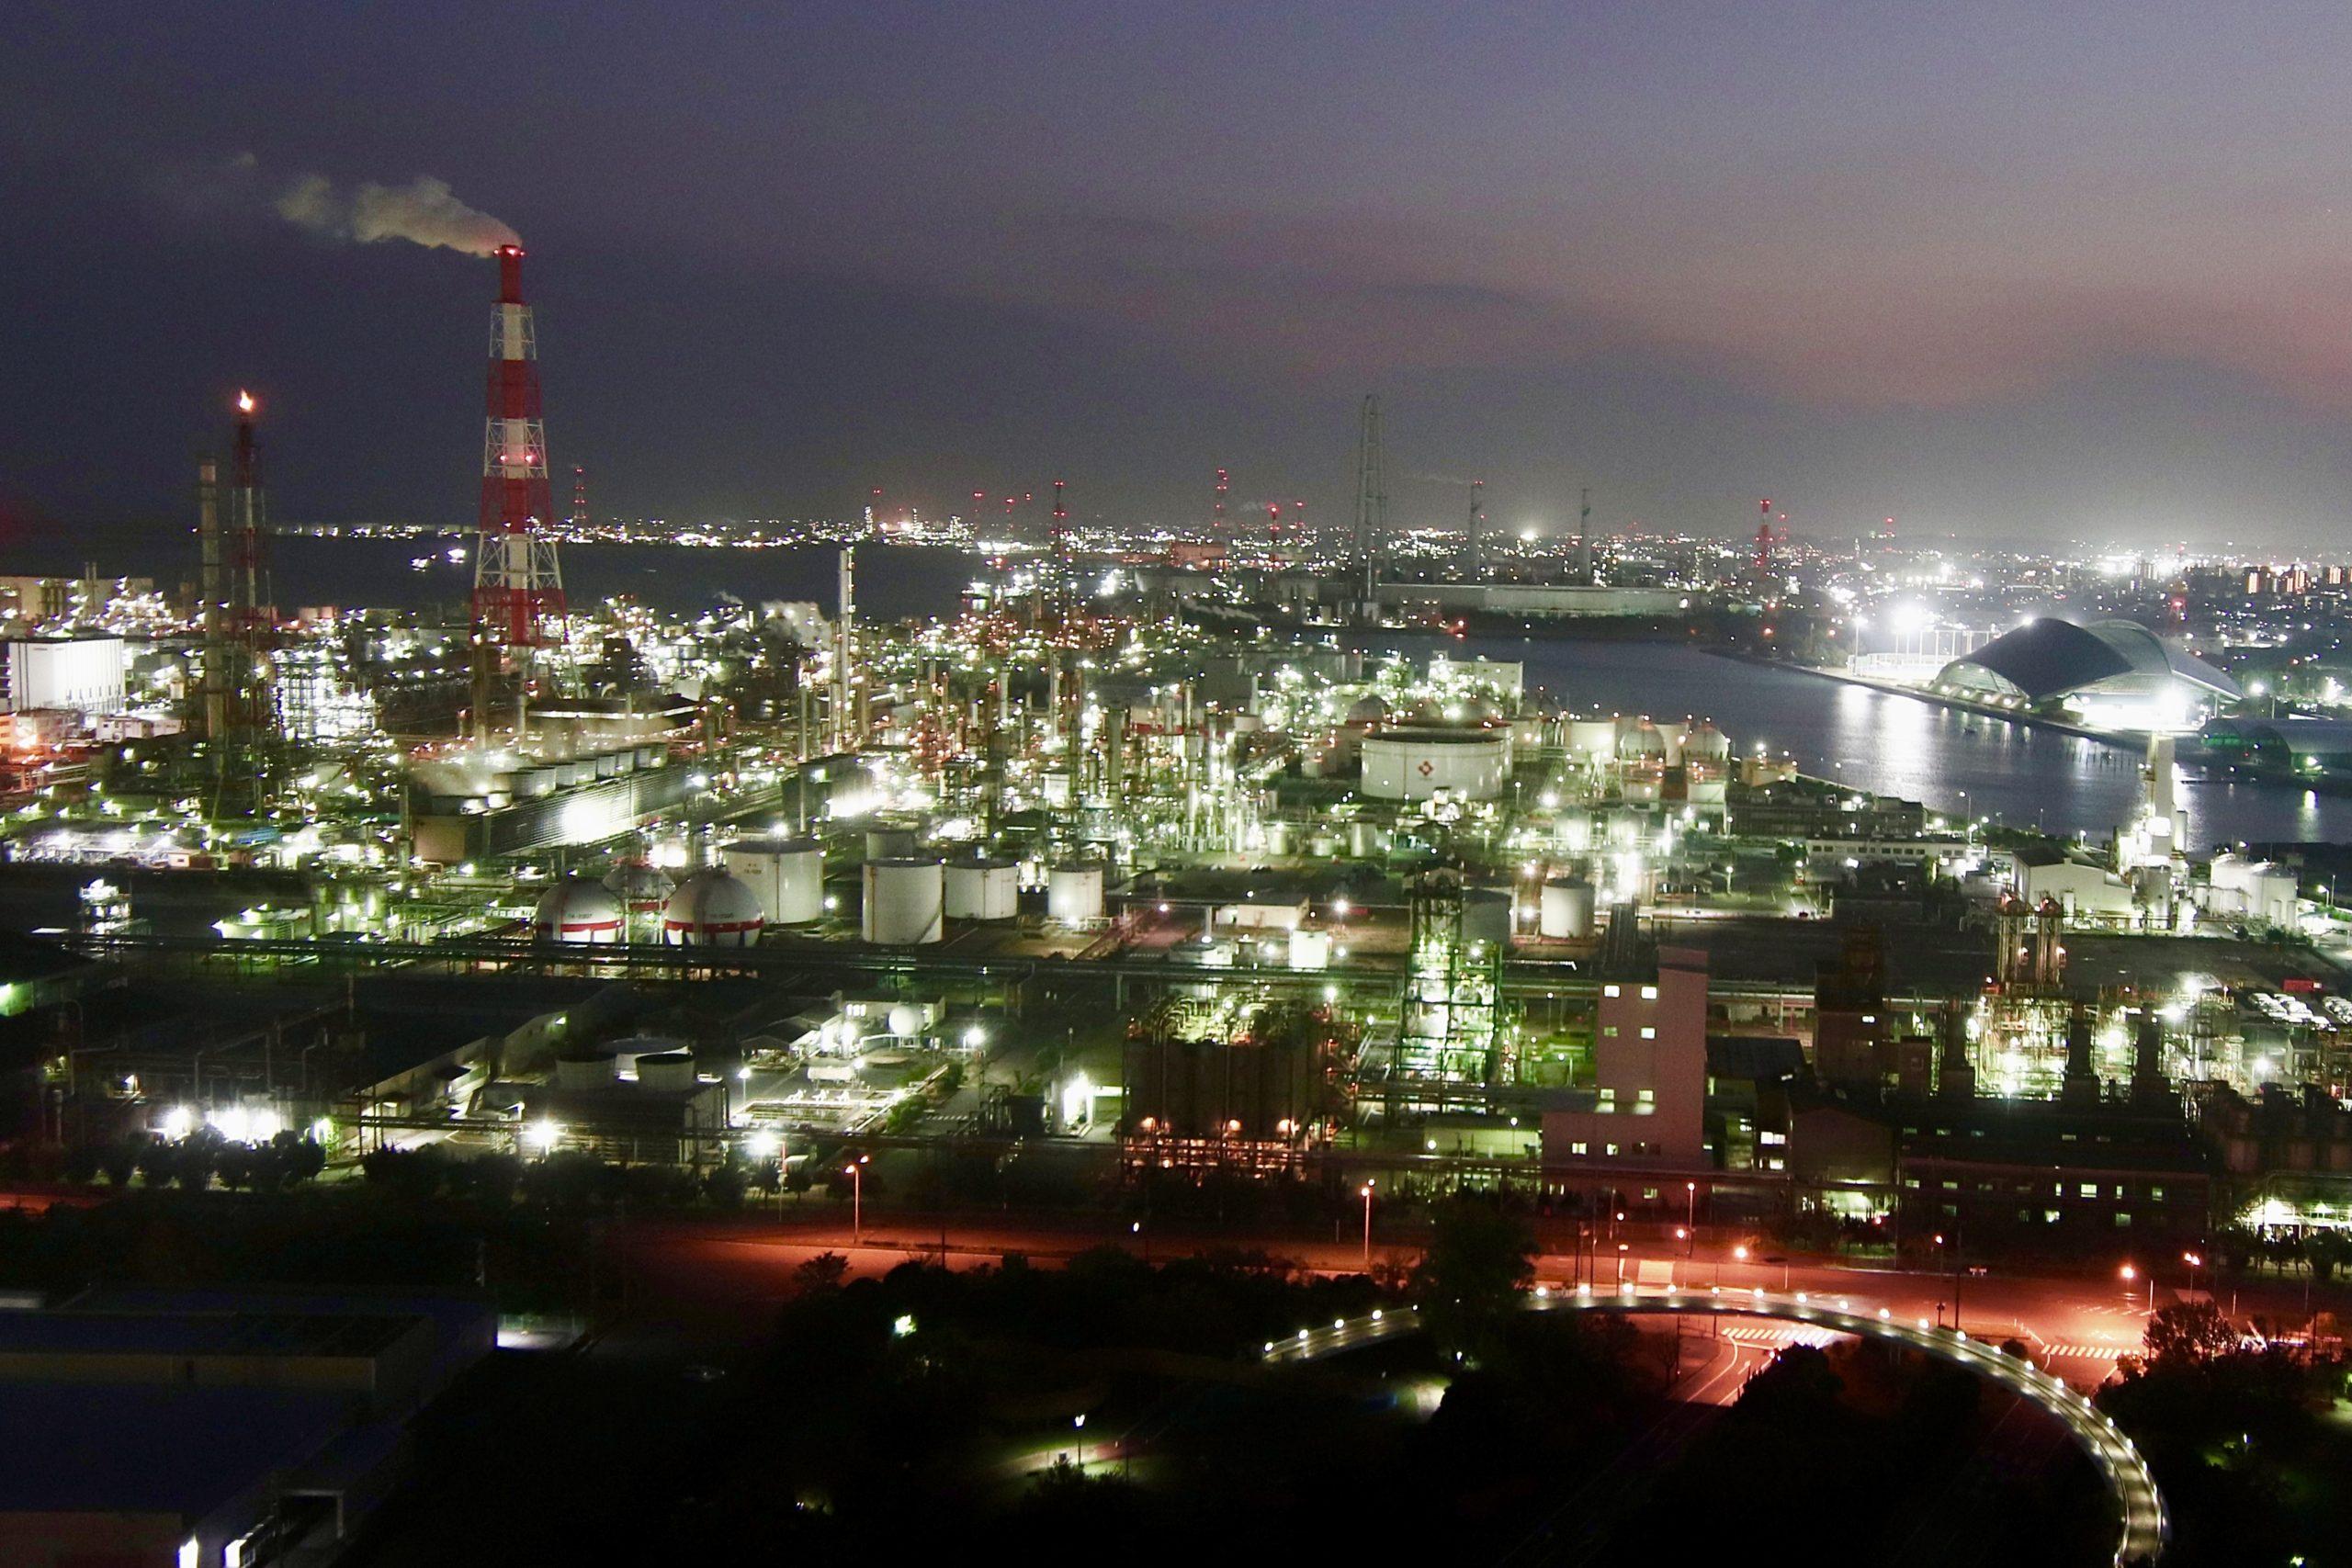 ポートビル14階の展望展示室「うみてらす14」は、昼は鈴鹿山脈からセントレア、名古屋方面まで見渡せ、夜は全国的にも有名になった四日市港の夜景が一望できる、すばらしい観光スポットです。